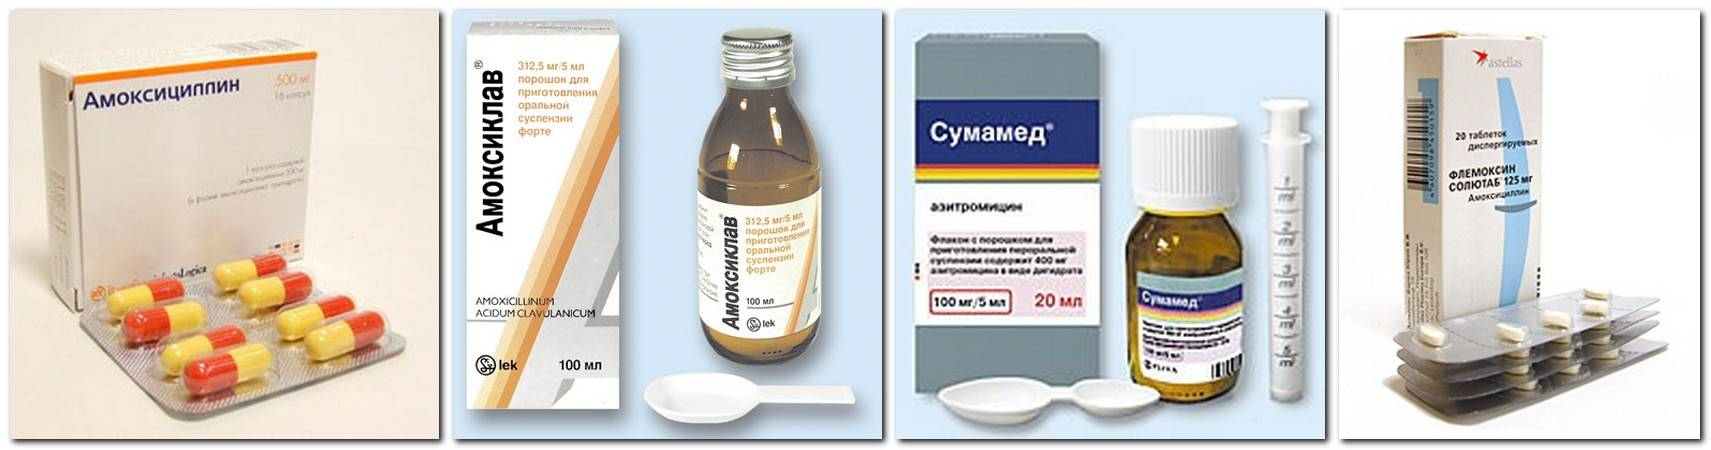 Особенности бактериальной ангины: симптомы, причины возникновения, лечение